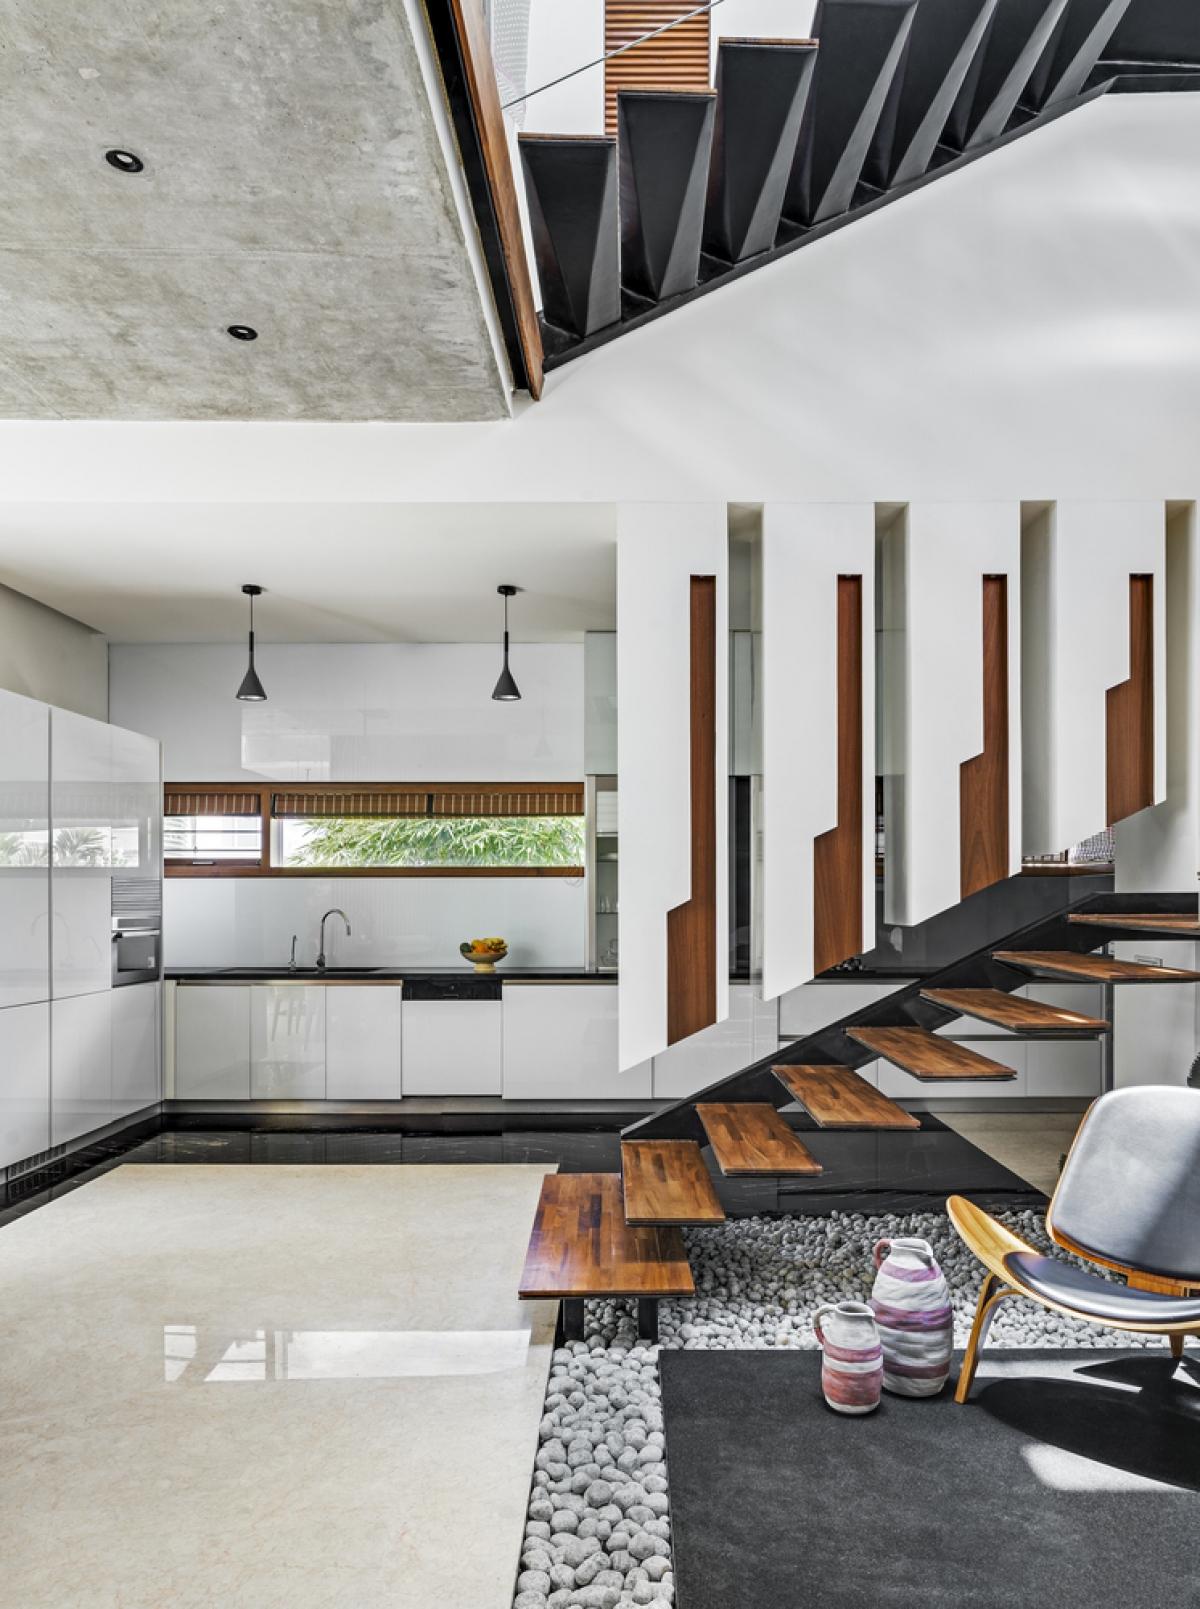 Nội thất được giữ đơn giản nhưng chú ý đến từng chi tiết, đồng thời kết hợp nhuần nhuyễn với các yếu tố kiến trúc.